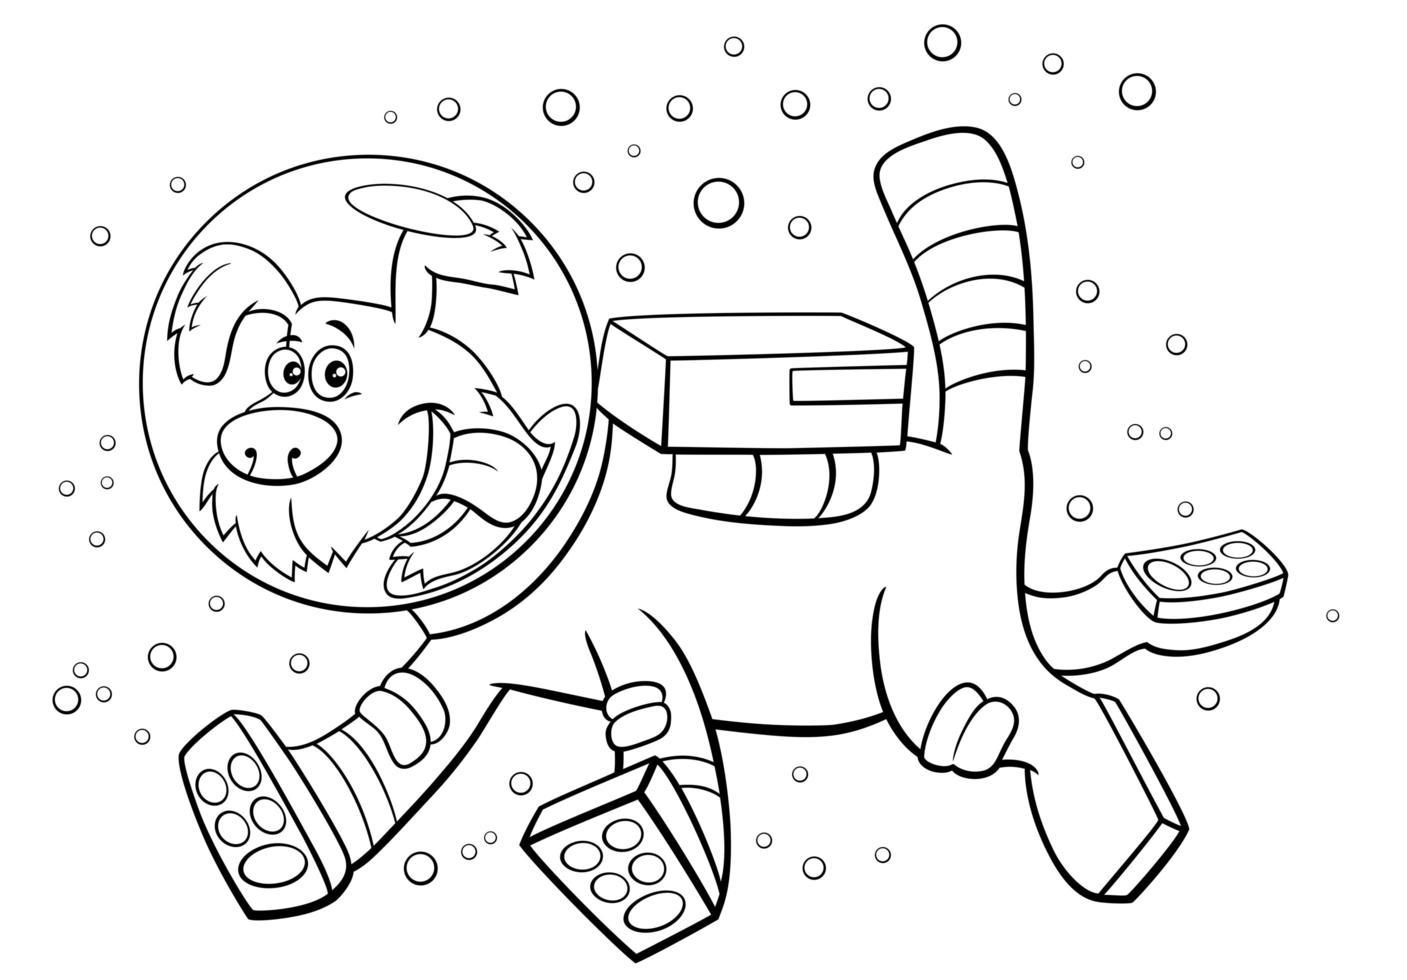 dessin animé, chien, dans, espace, caractère, livre coloration, page vecteur